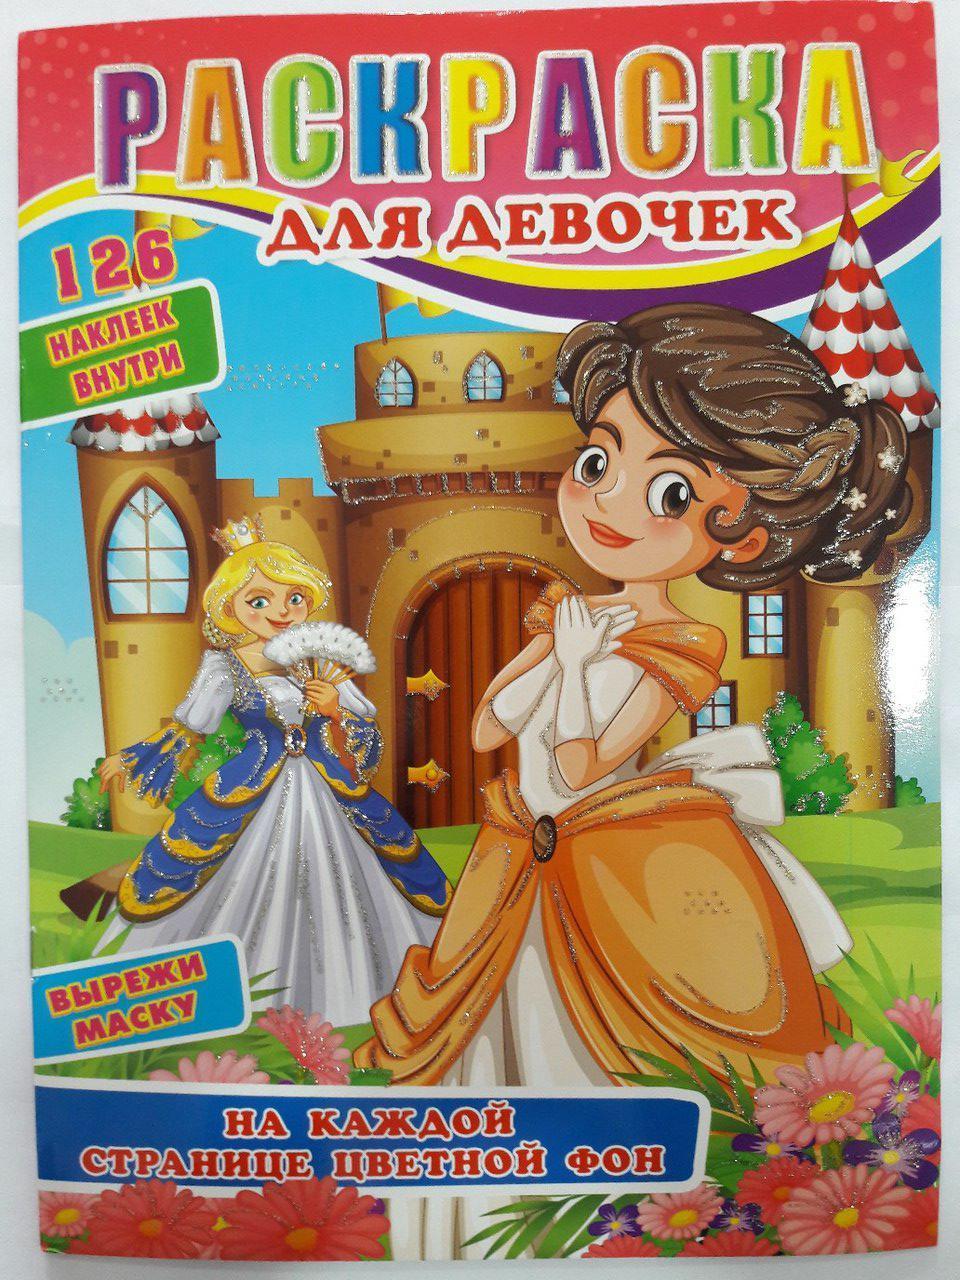 купить колибри раскраска р 30 126 наклеек для девочек в украине недорого